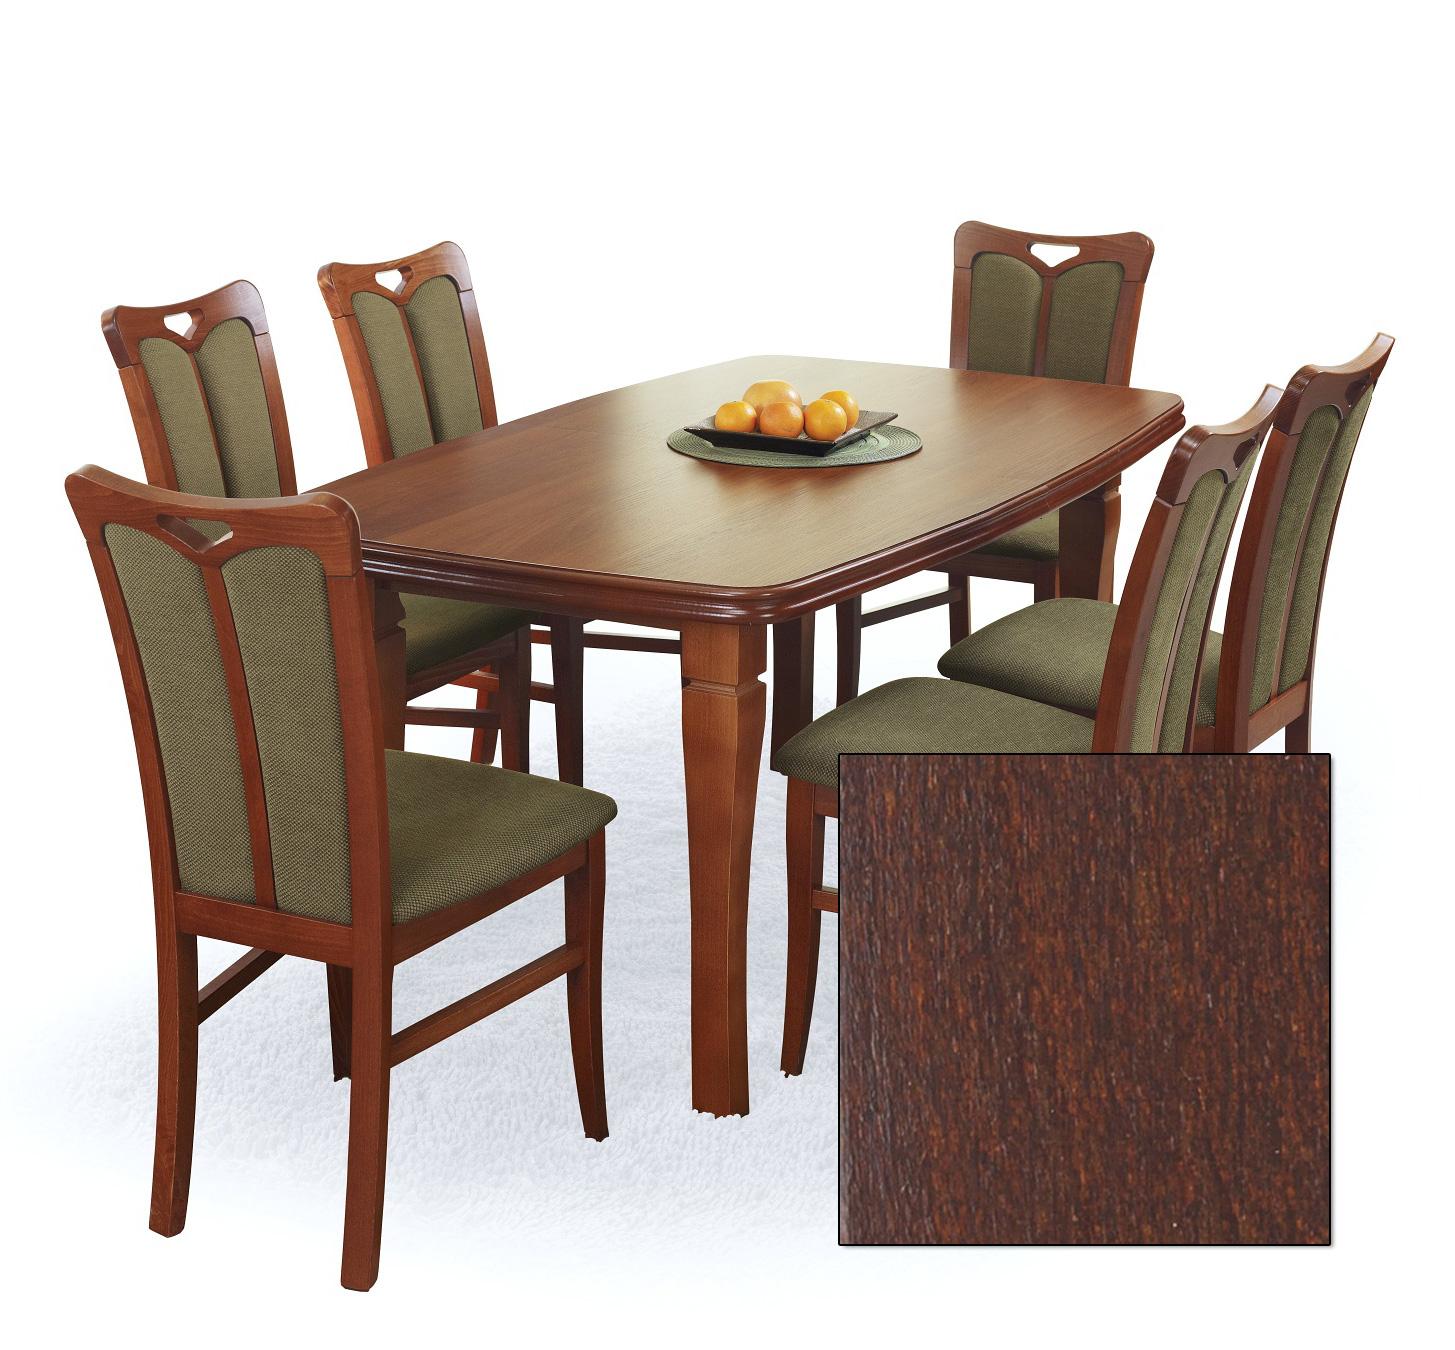 Gavin matbord förlängningsbart 160 200 cm Mörk valnöt 2495 kr Trendrum se